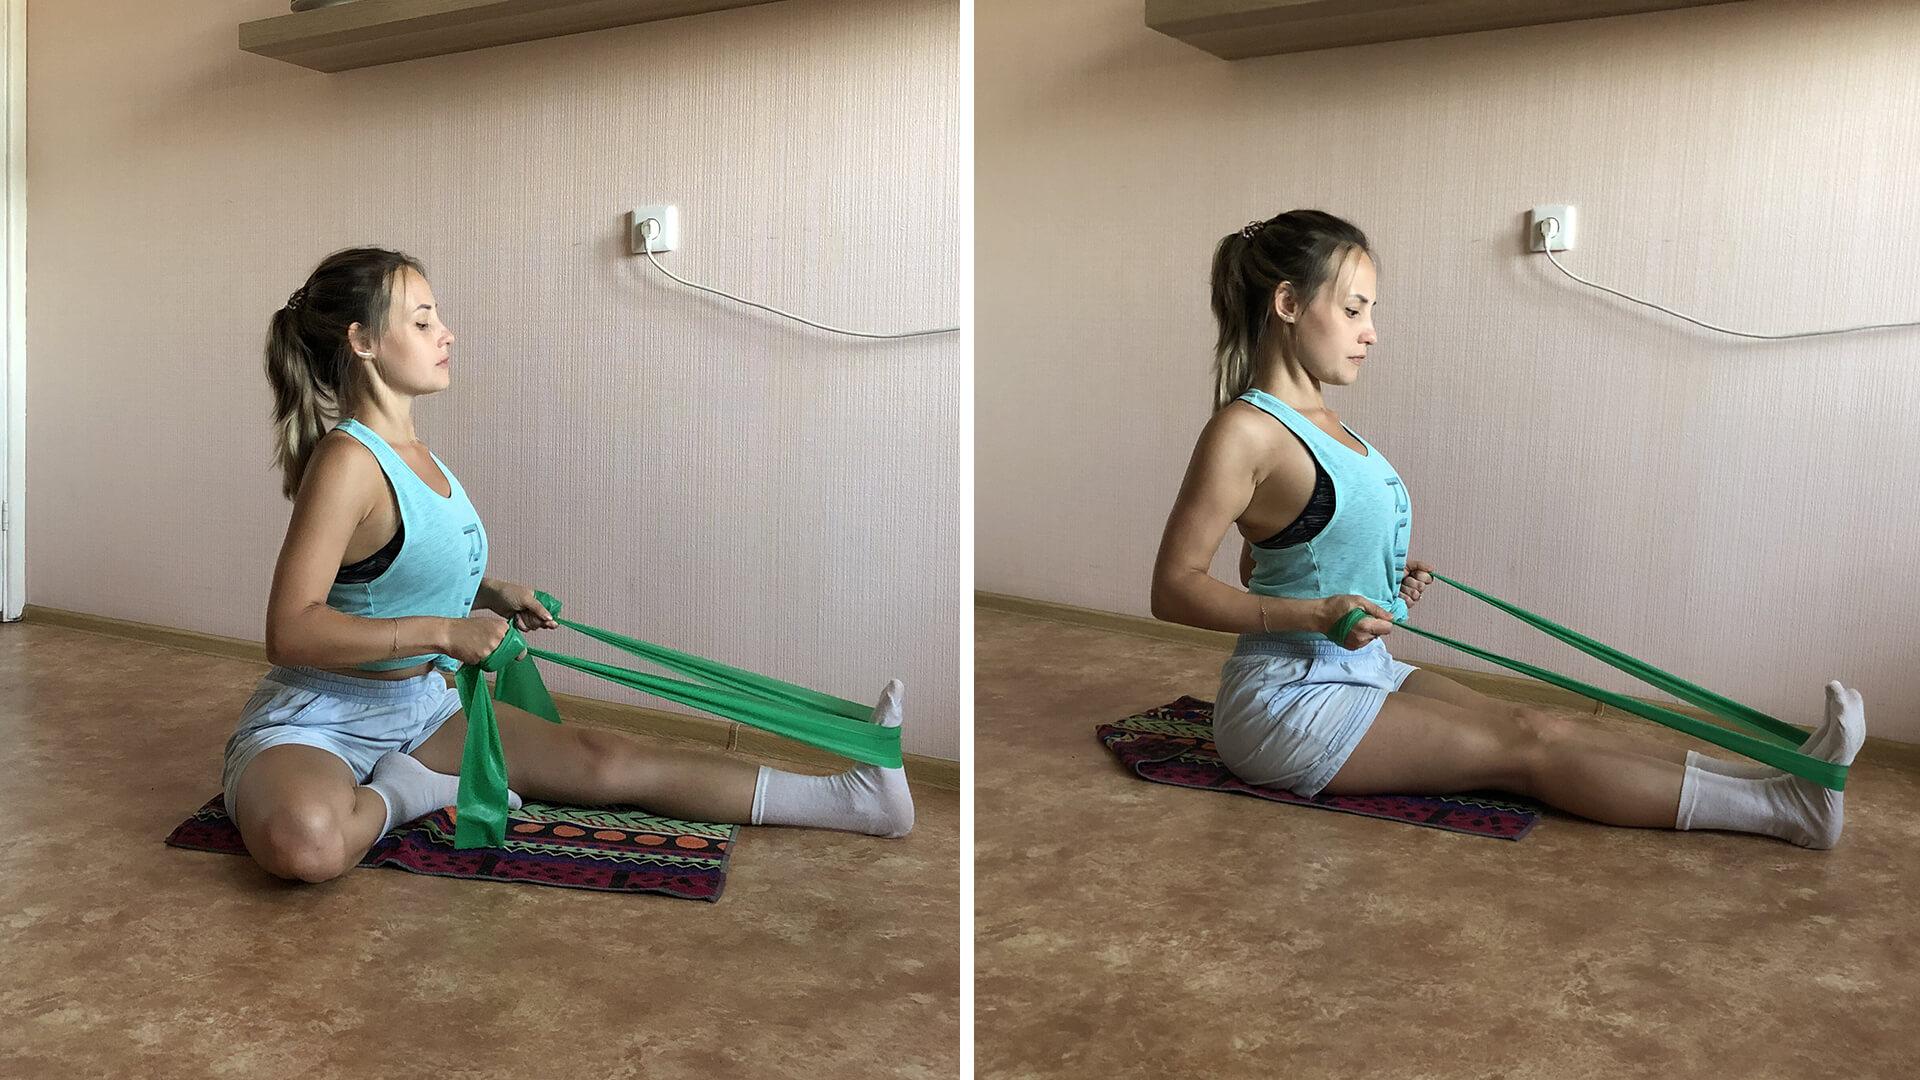 Упражнение для растяжки ног и груди с резинкой: фото.